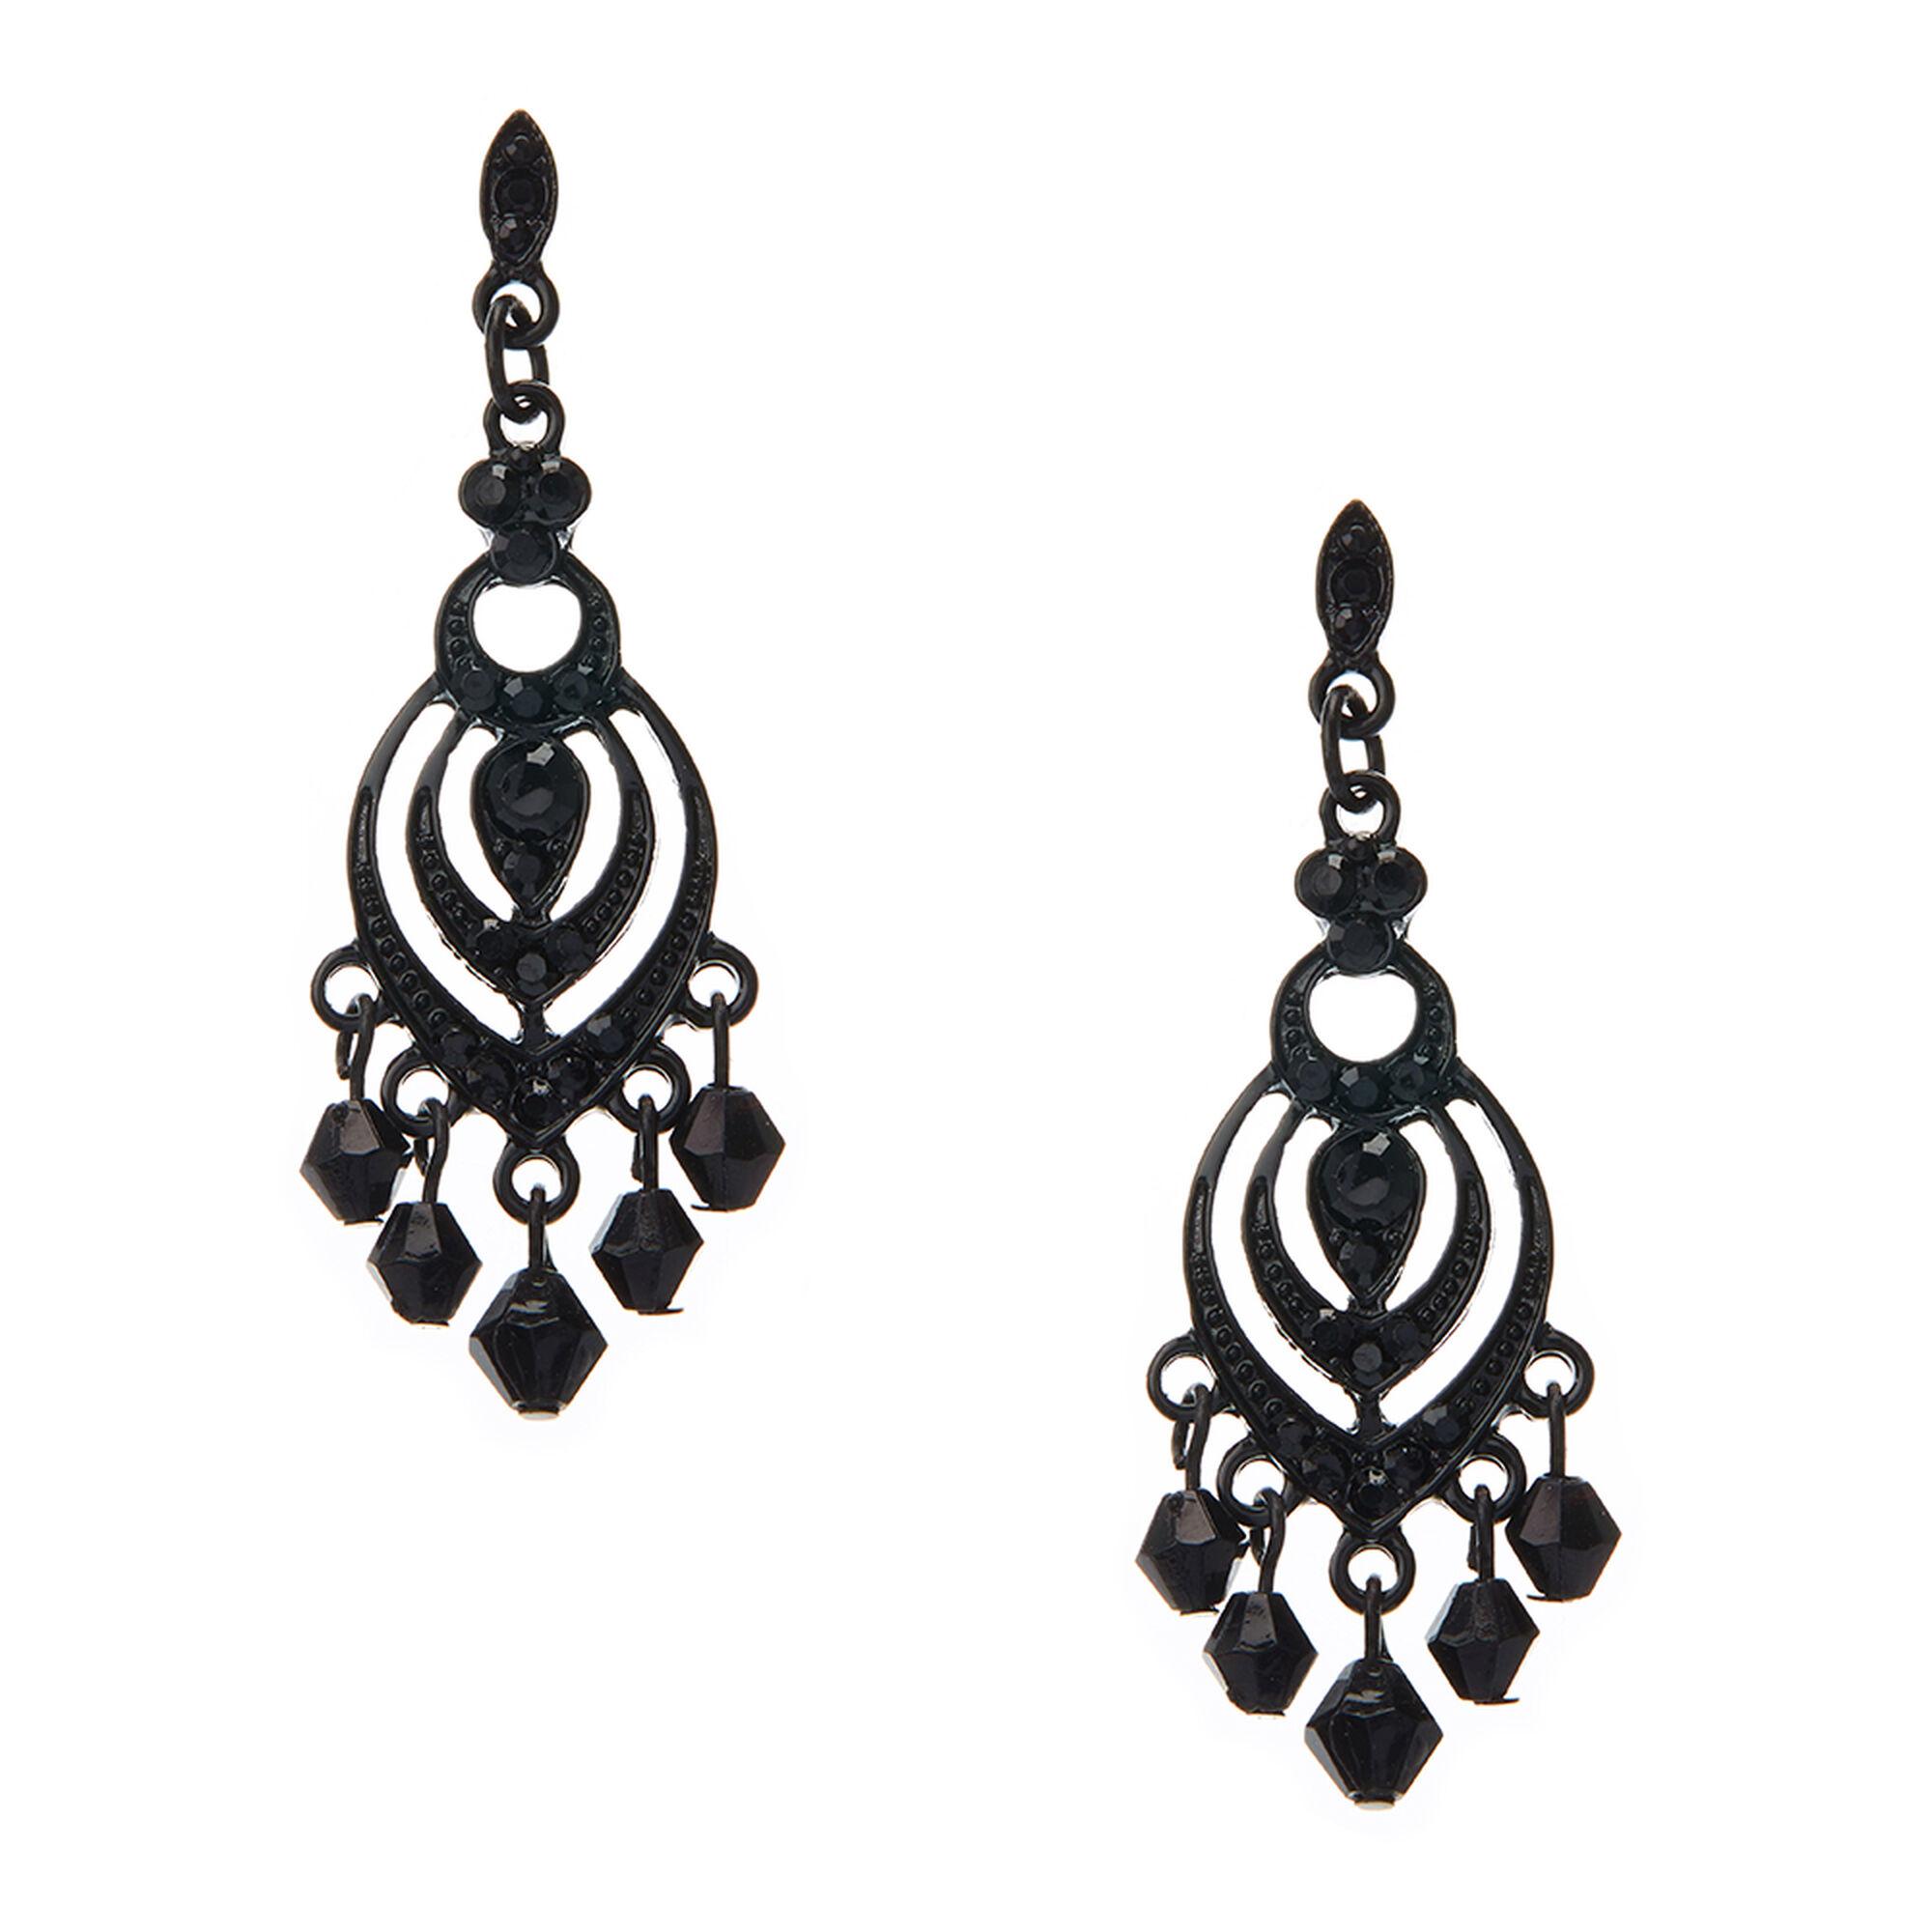 Small Black Chandelier Drop Earrings